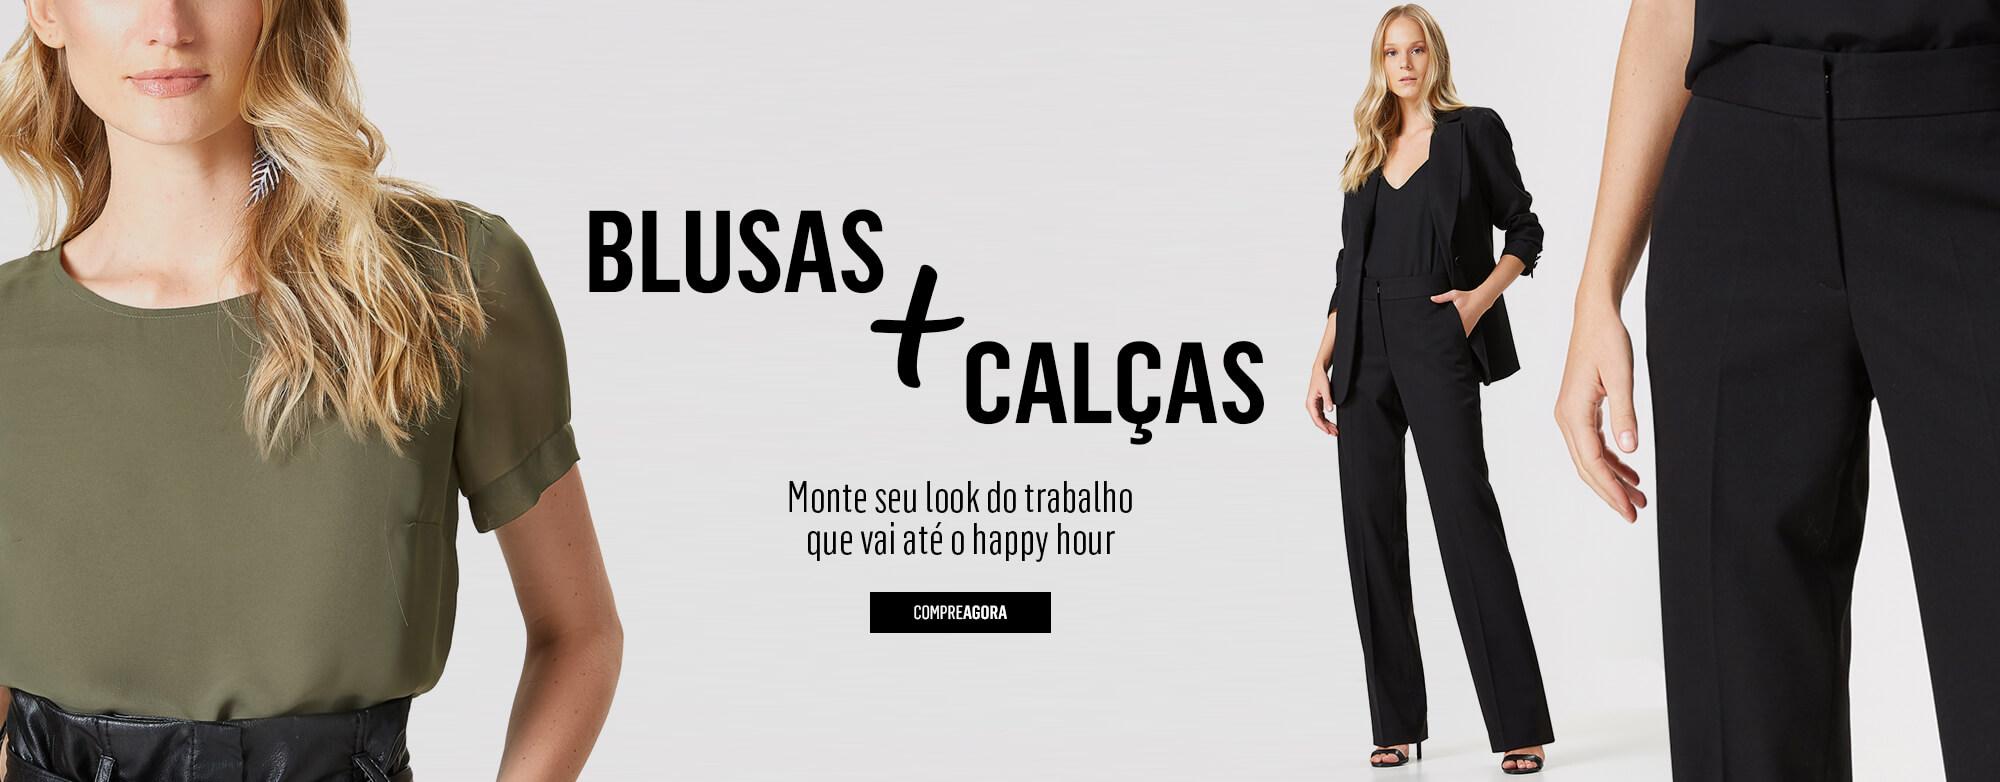 Blusas + Calcas